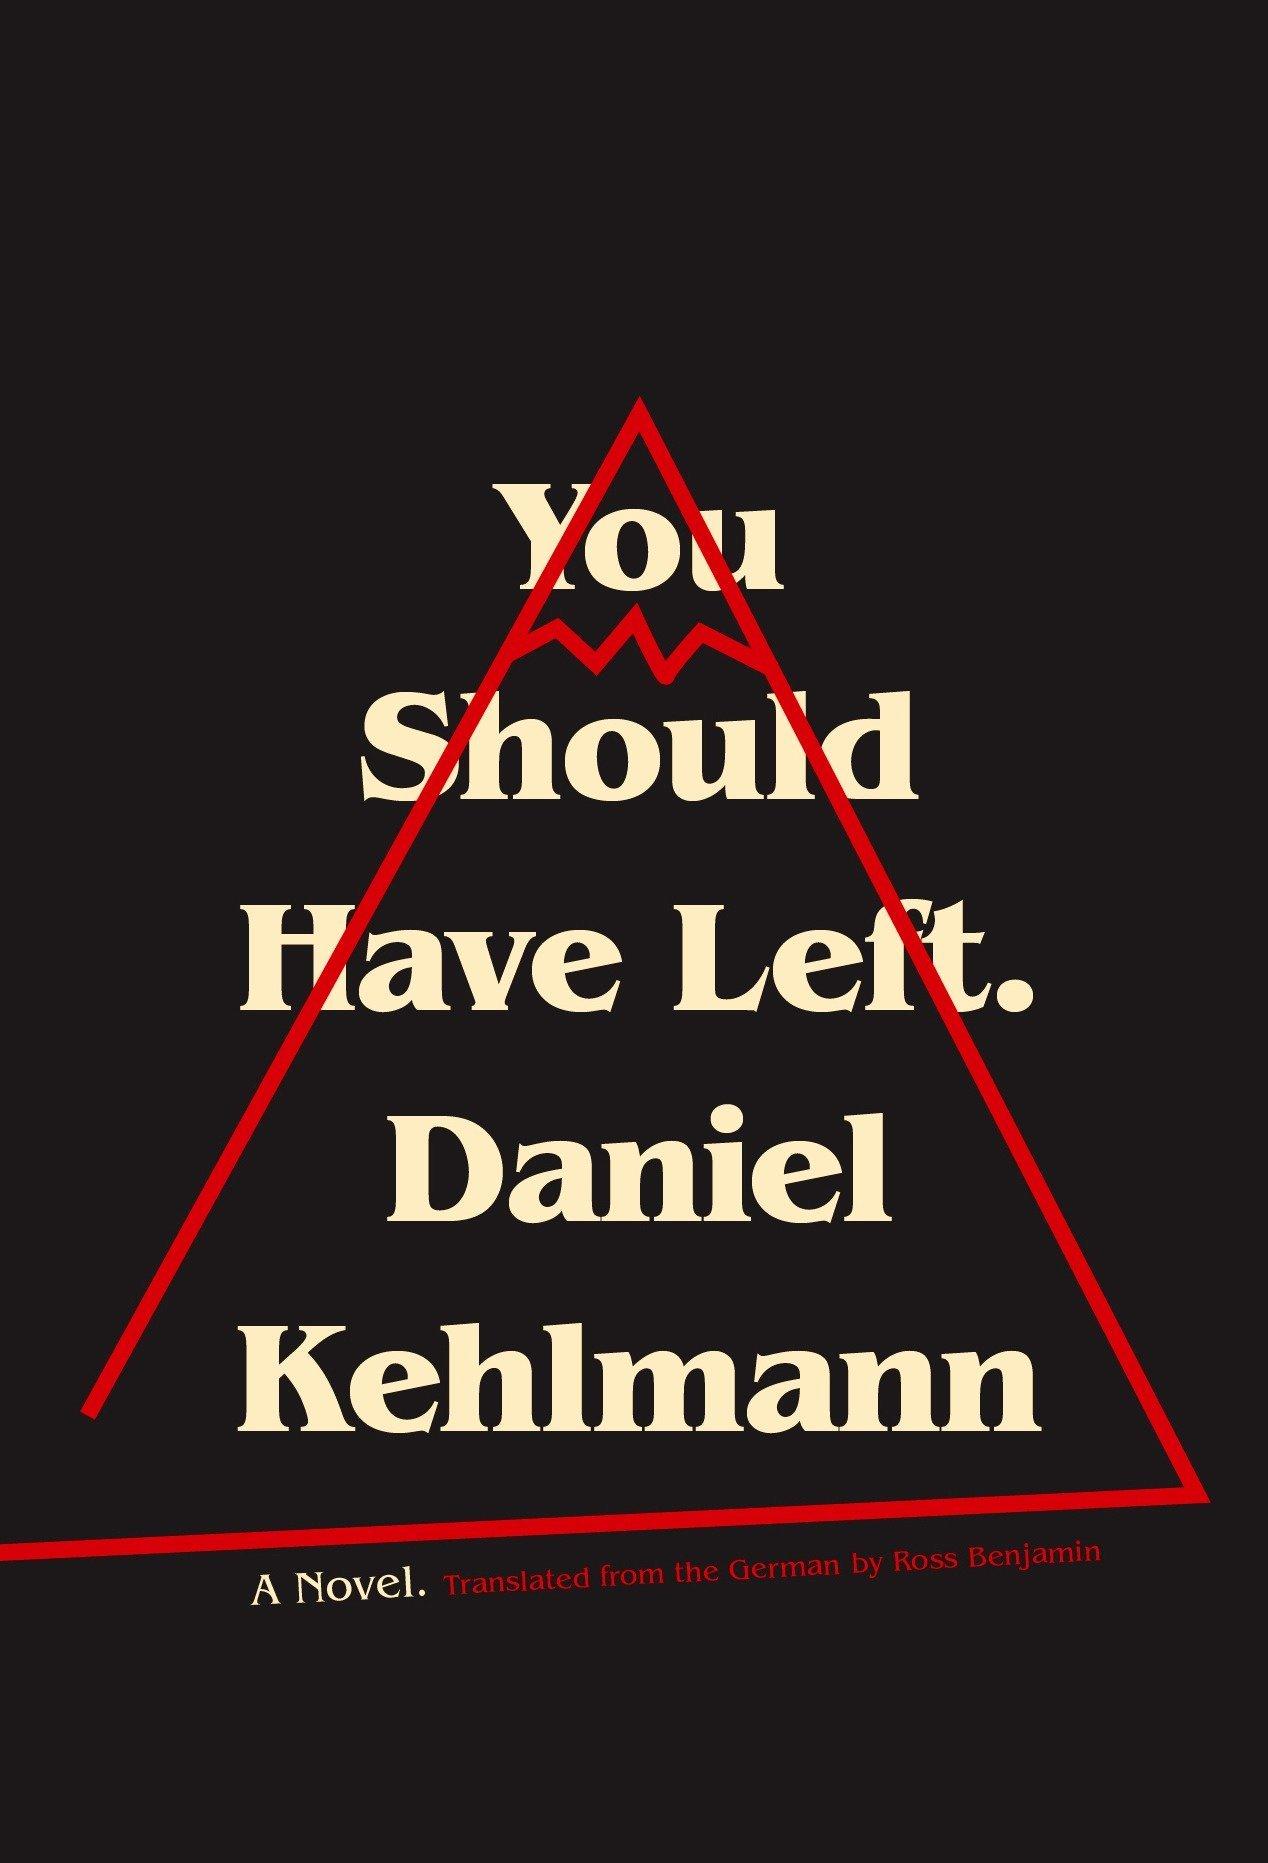 You Should Have Left by Daniel Kehlmann